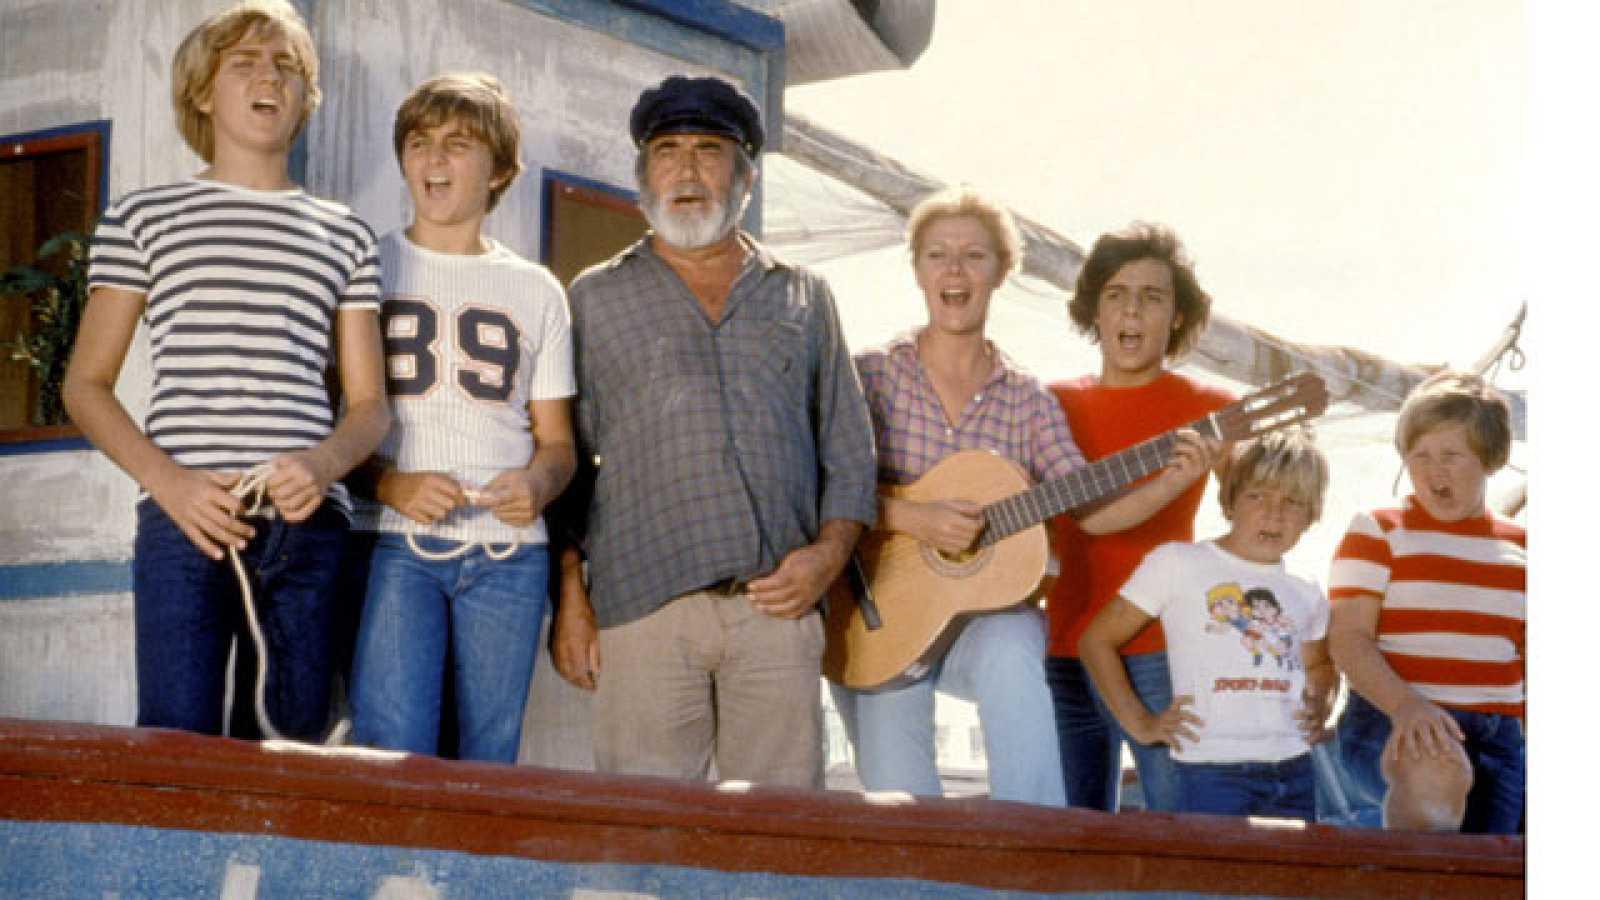 1986896a2d Para todos los públicos Sección para todos la tele  Verano azul reproducir  video